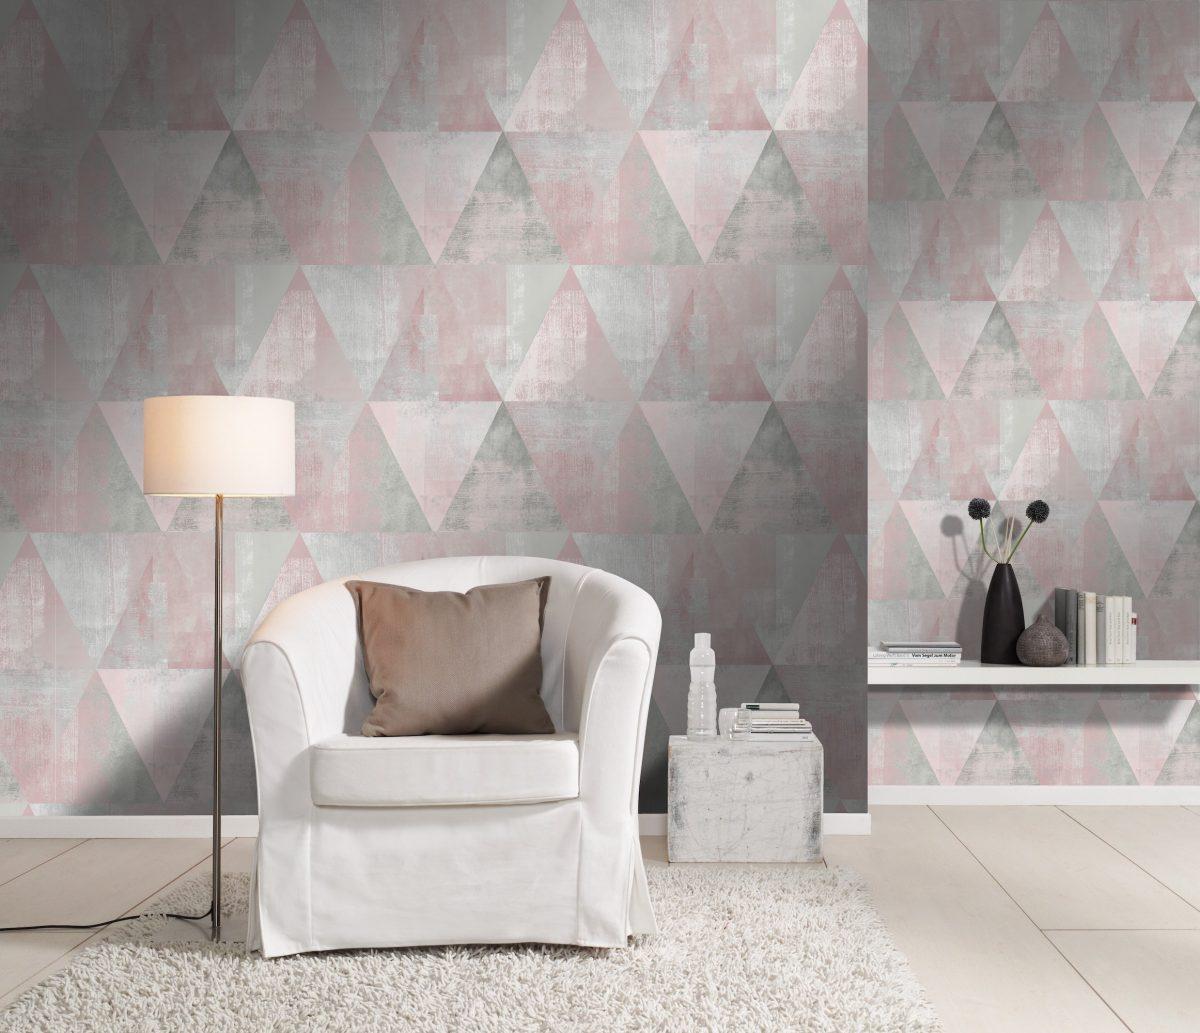 Papel mural triángulos rosado y gris HYDE PARK 410938 RASCH